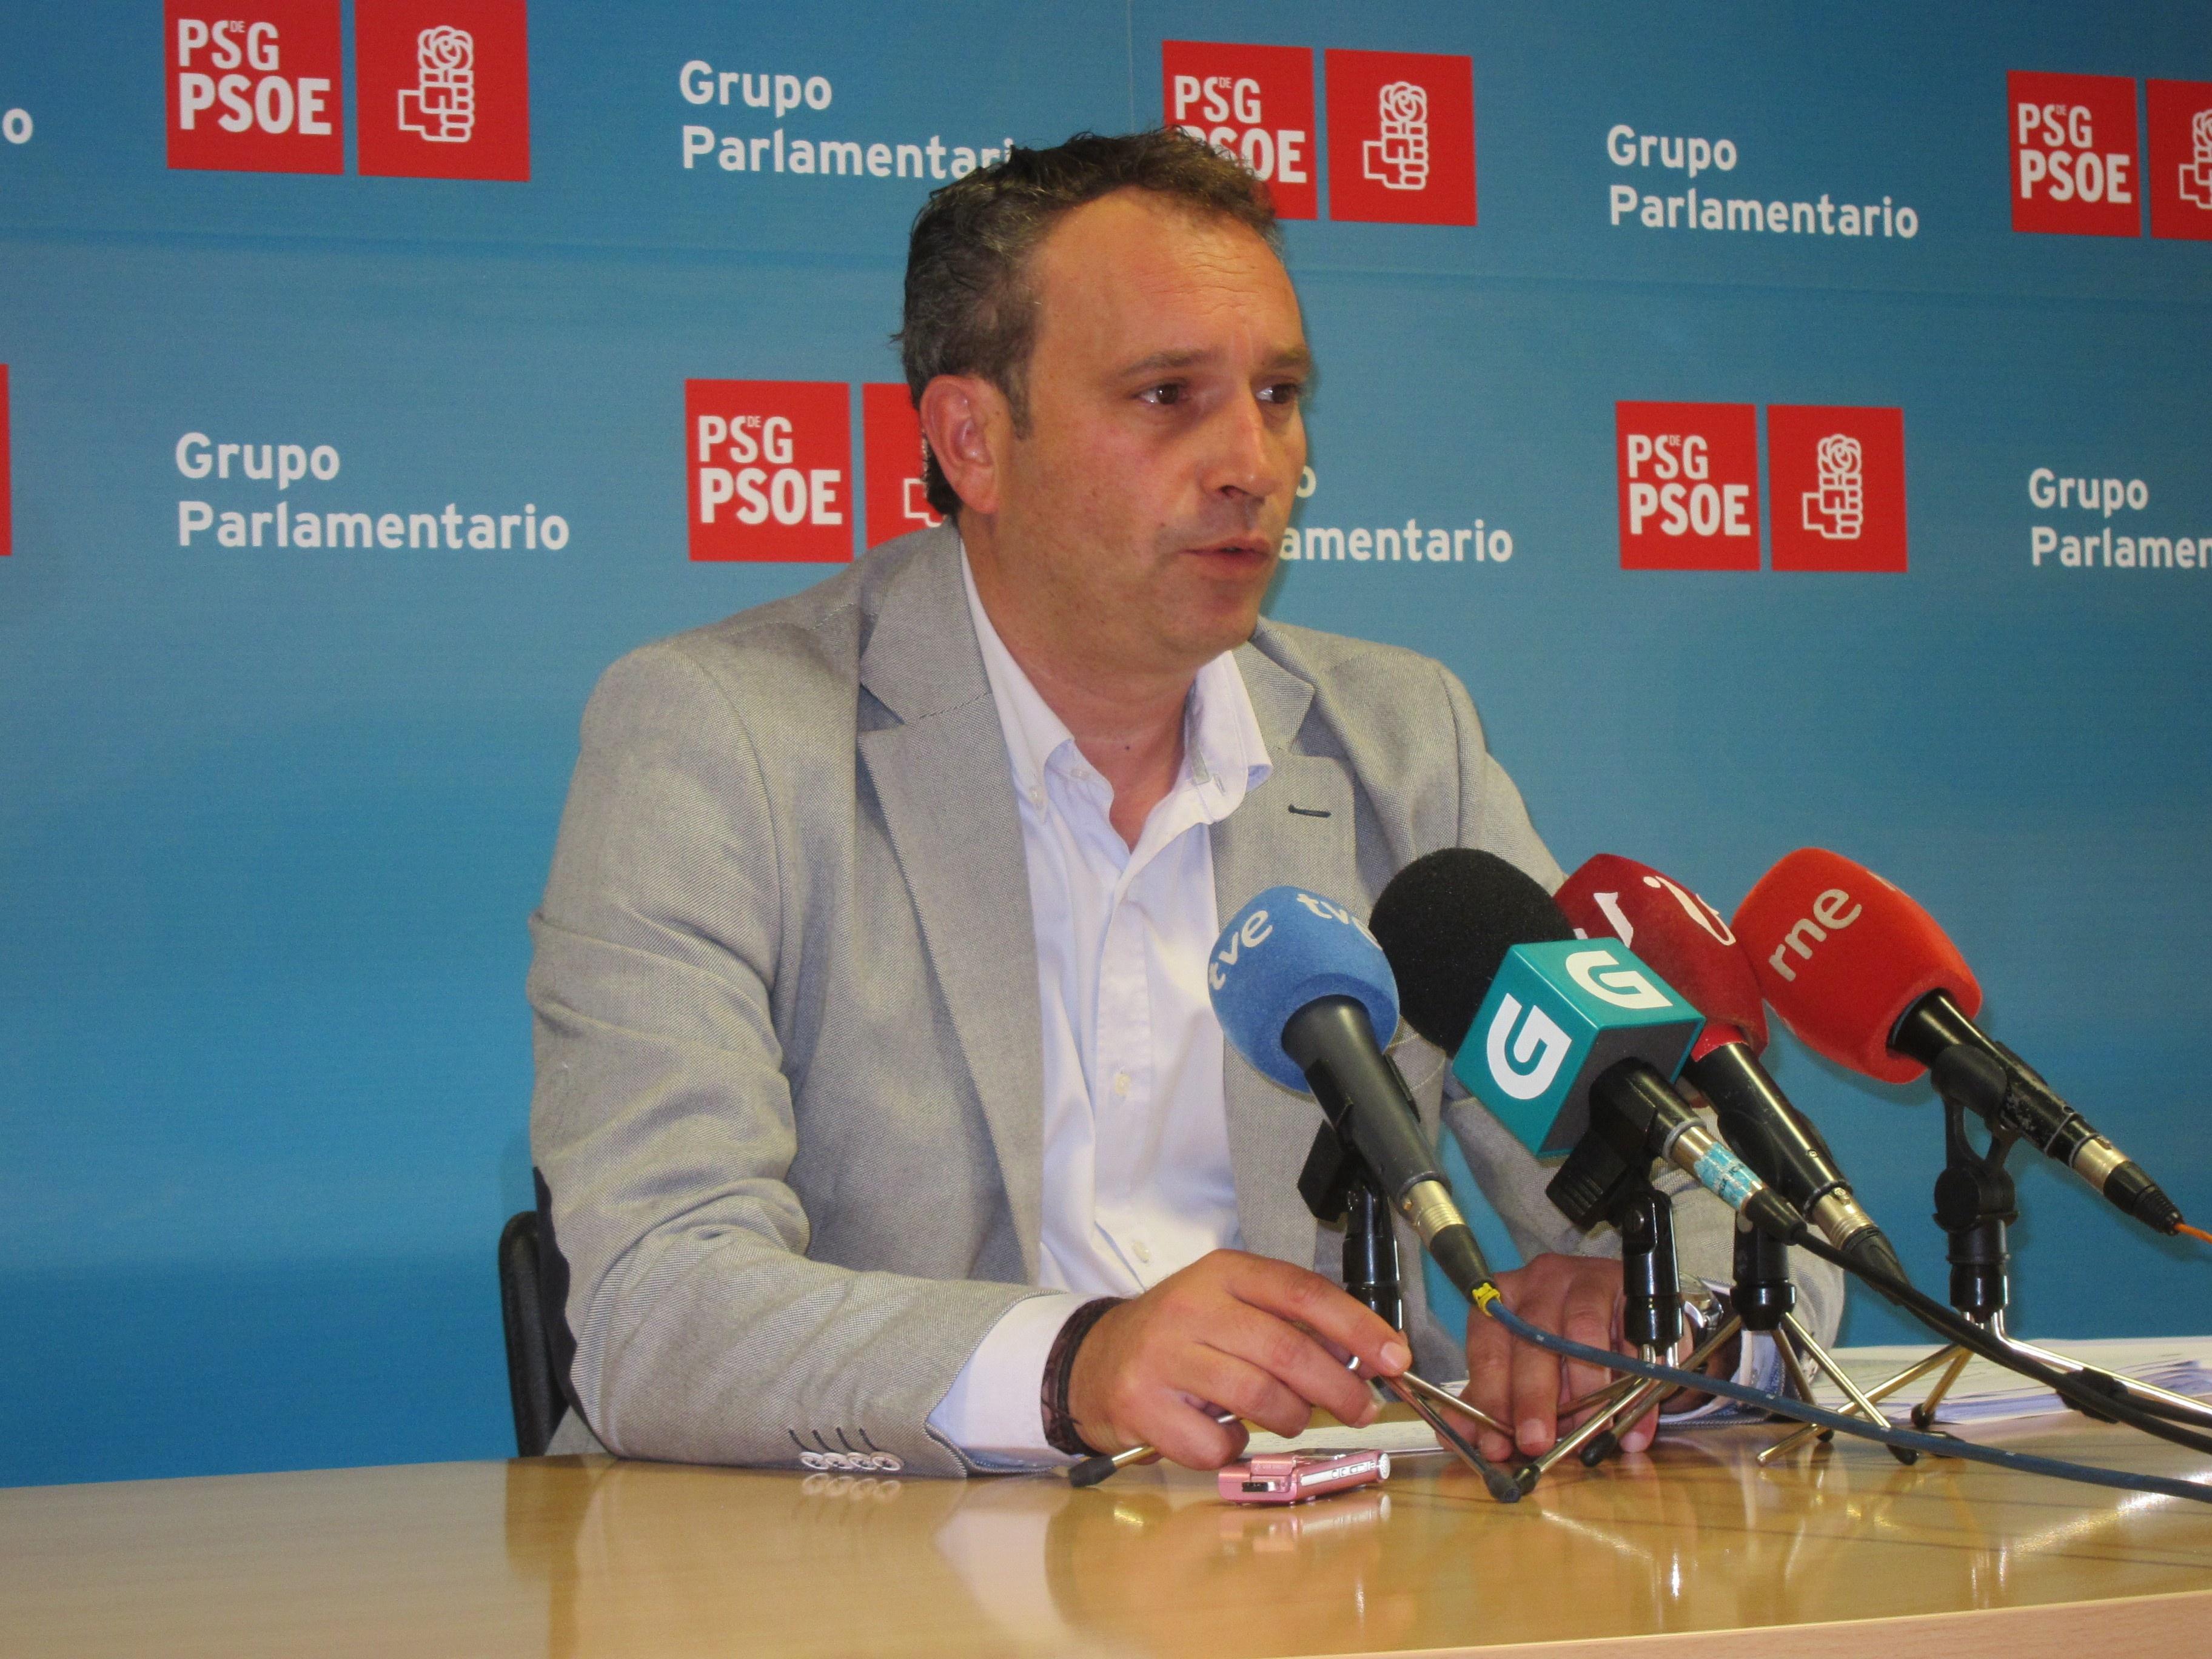 El PSOE recuerda que, cuando ardió el monte Pindo en 2005, Feijóo lo achacó a la «irresponsabilidad» de la Xunta